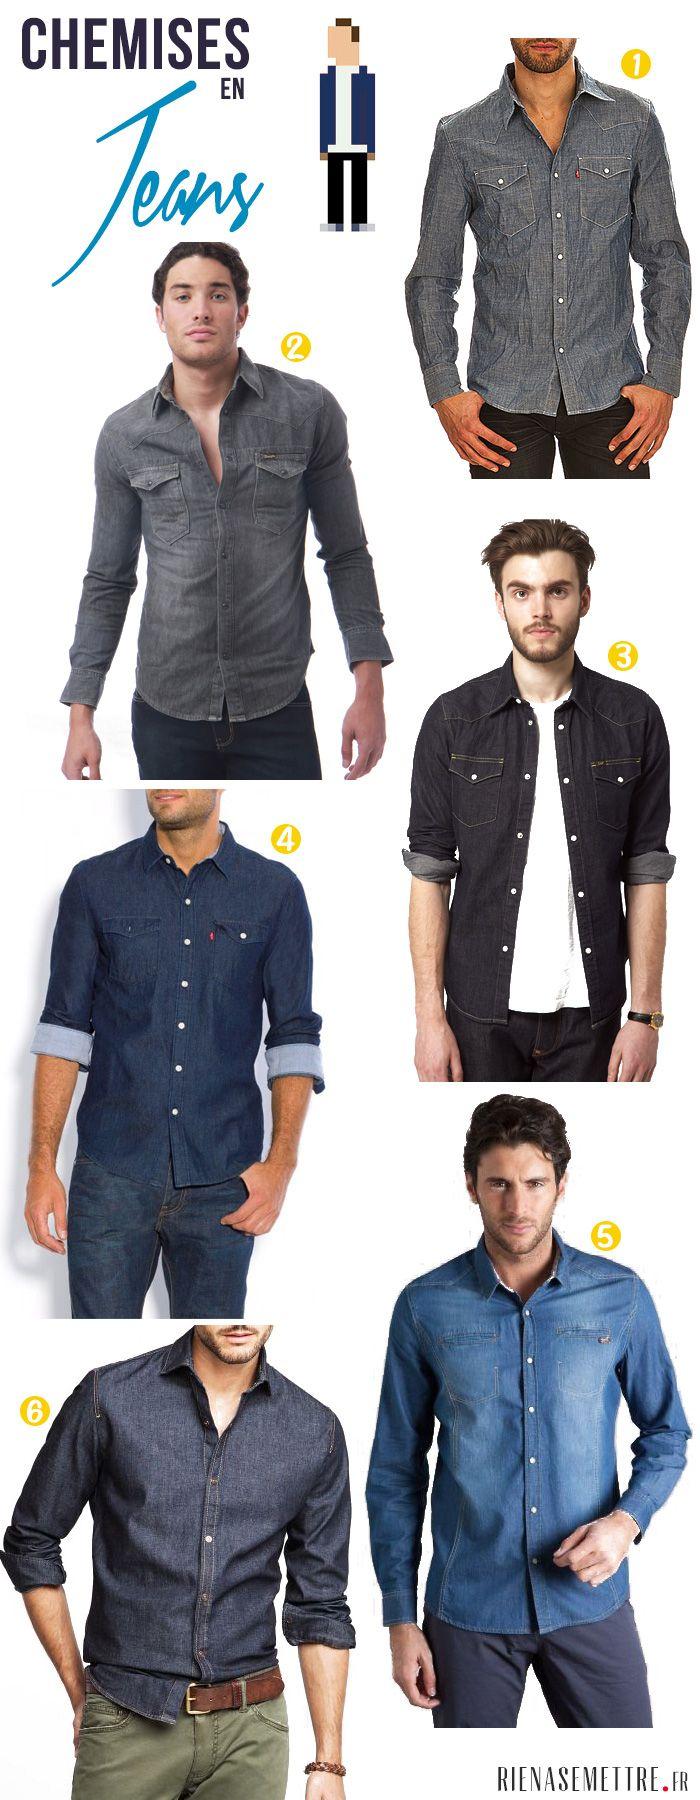 SELECTION | Quelle chemise en Jean Homme choisir ? | chemise en jeans homme | Blog mode homme | Guide Shopping mode et tendances femme hom...